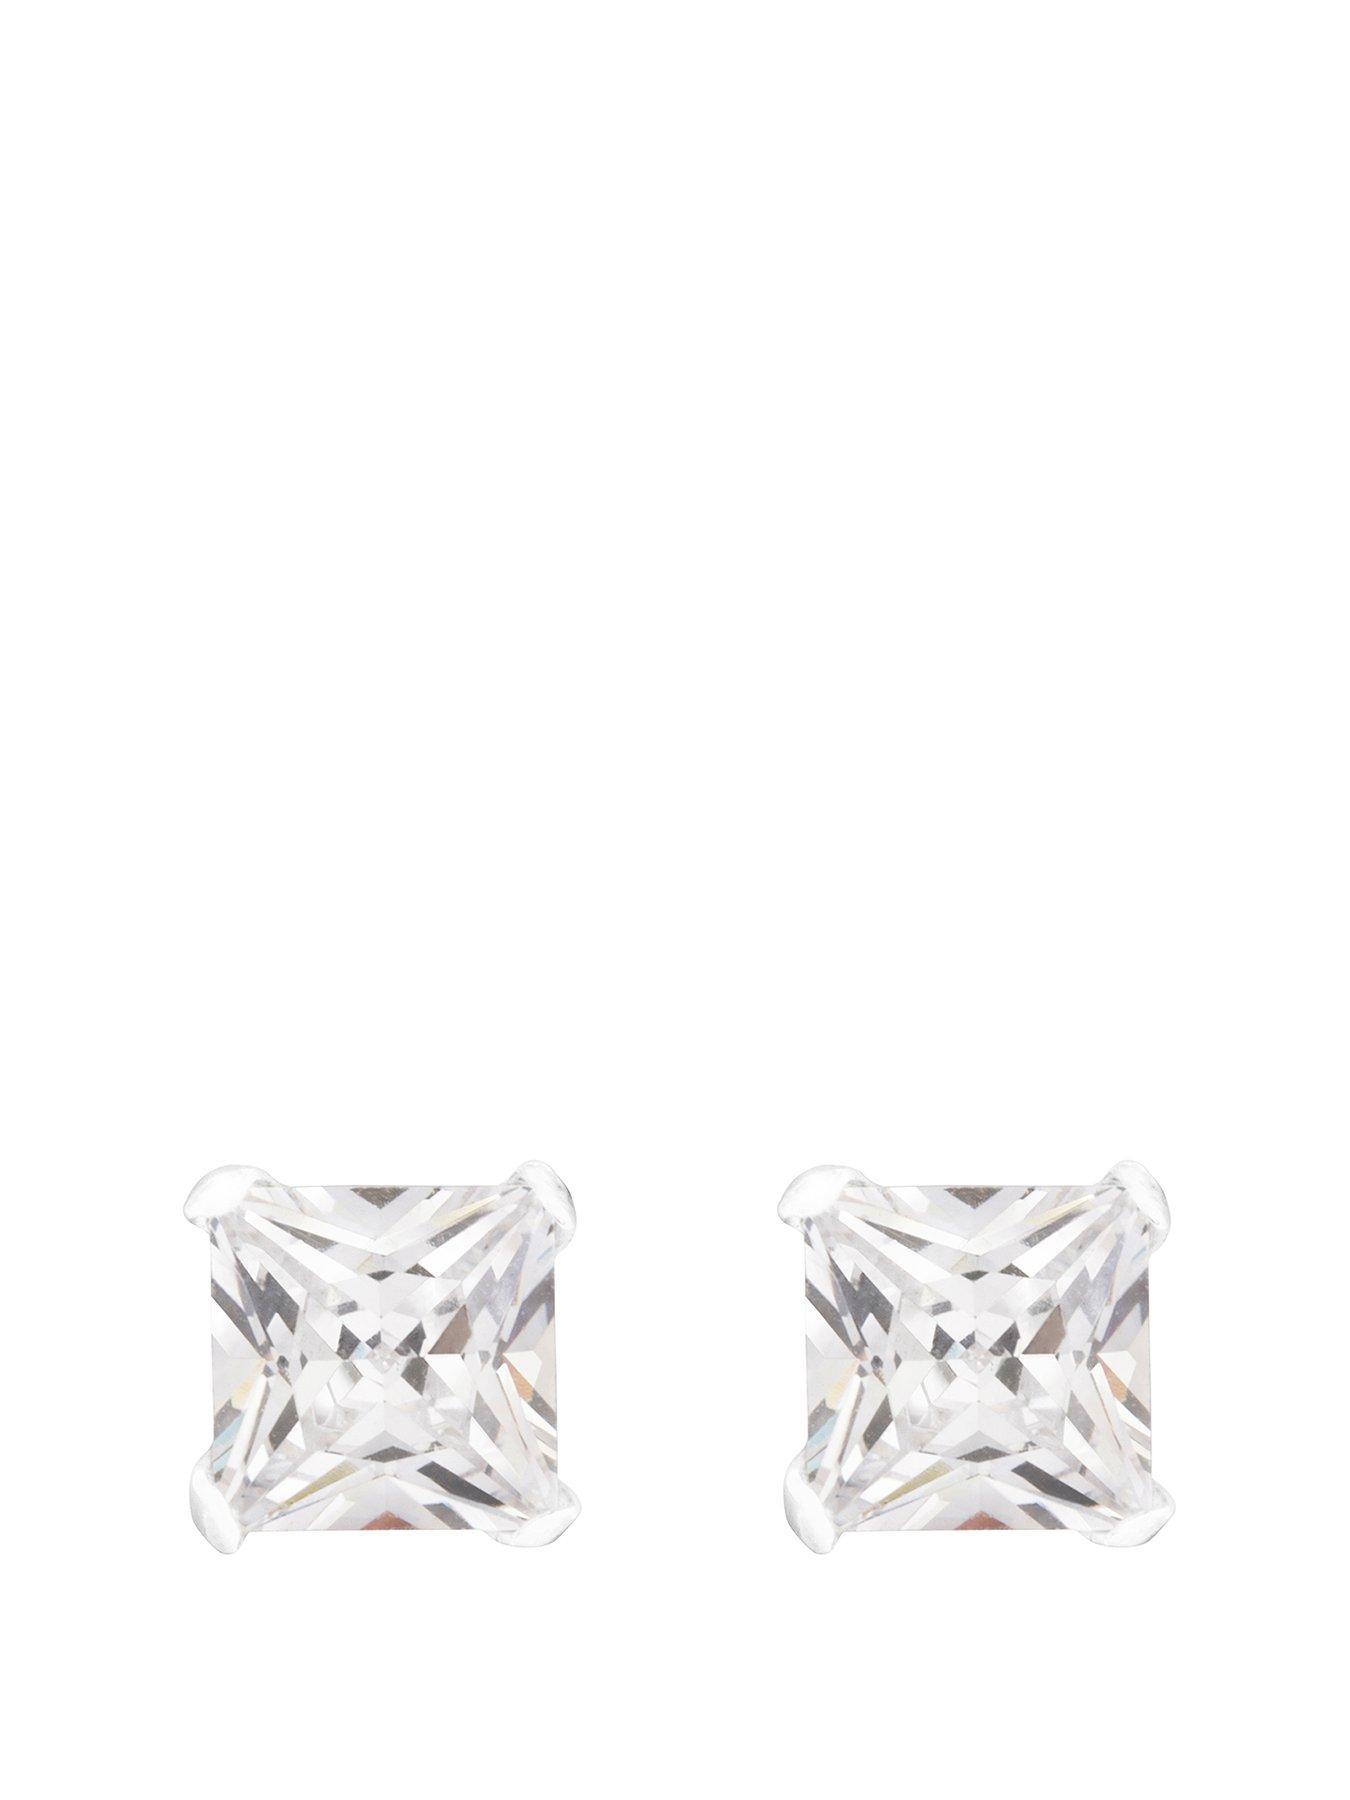 Sterling Silver 10x8 CZ Stud Earrings